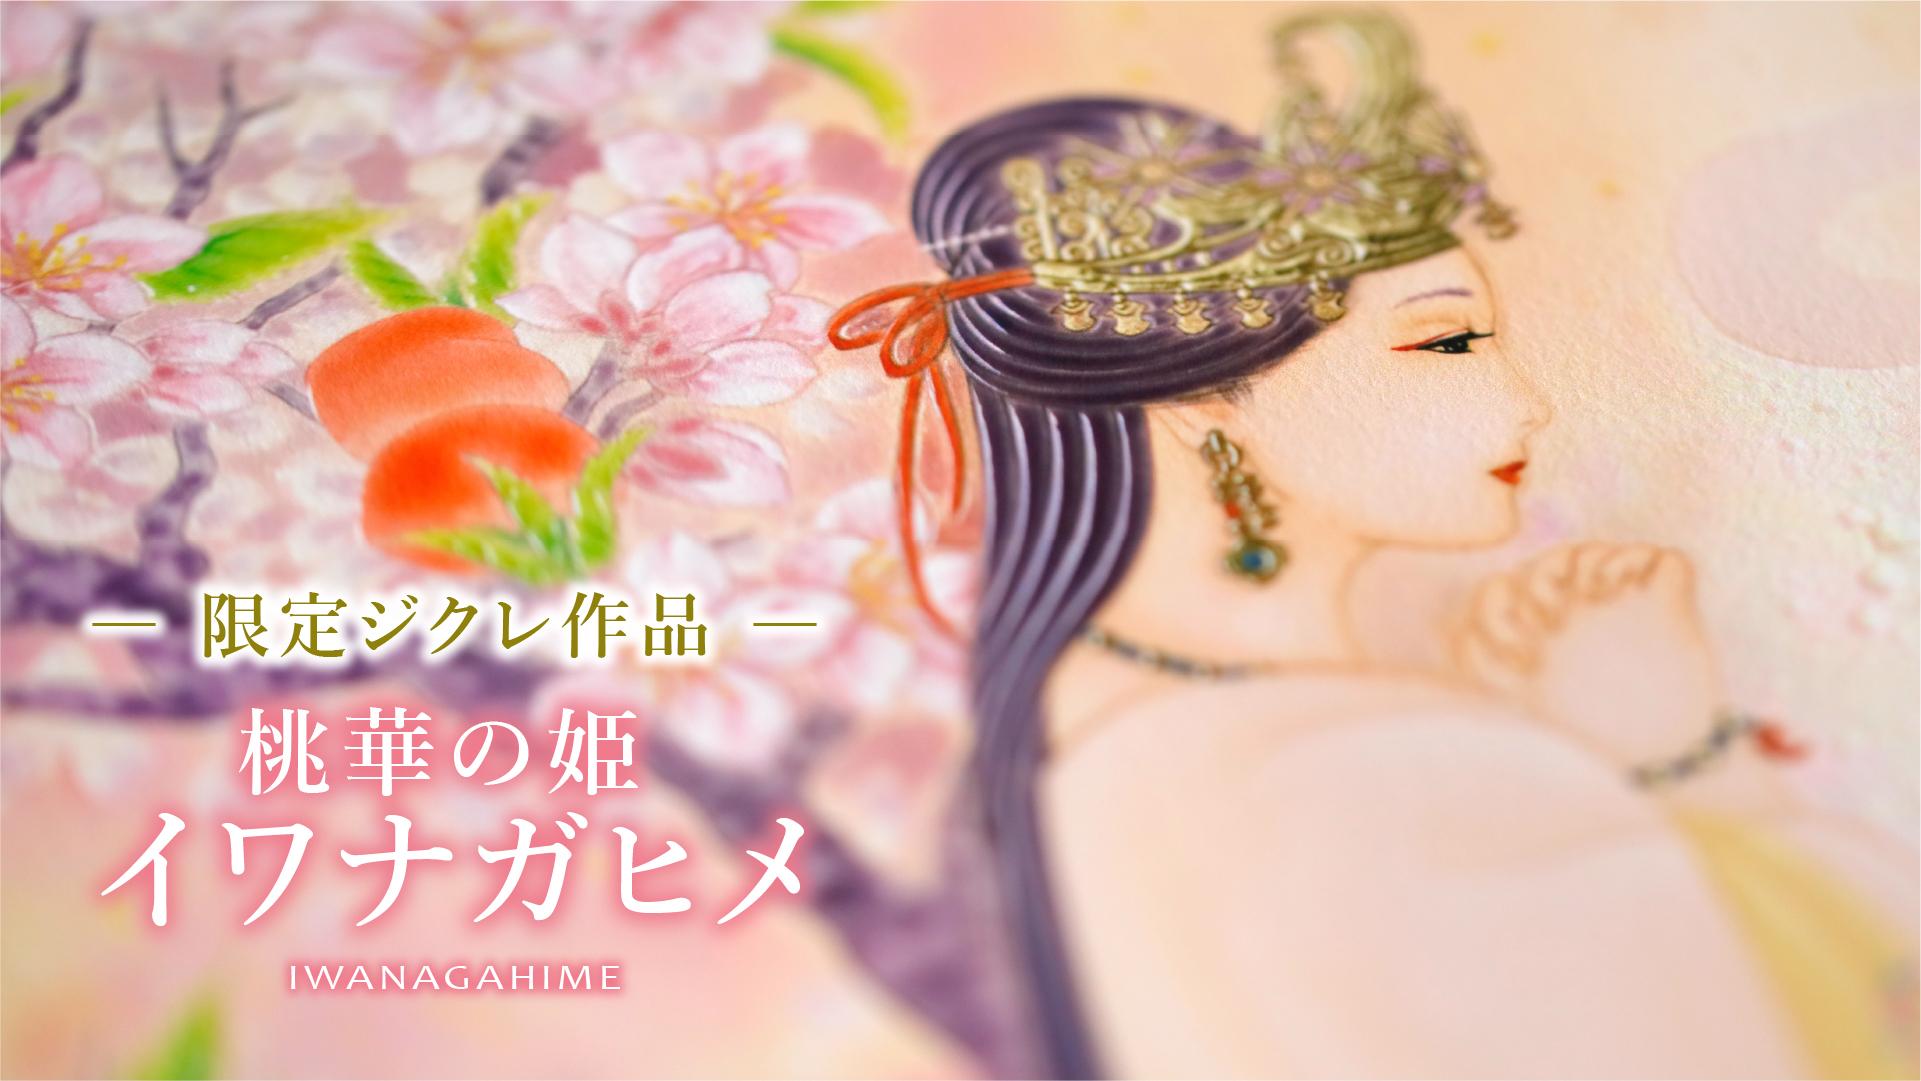 「桃華の姫  イワナガヒメ」